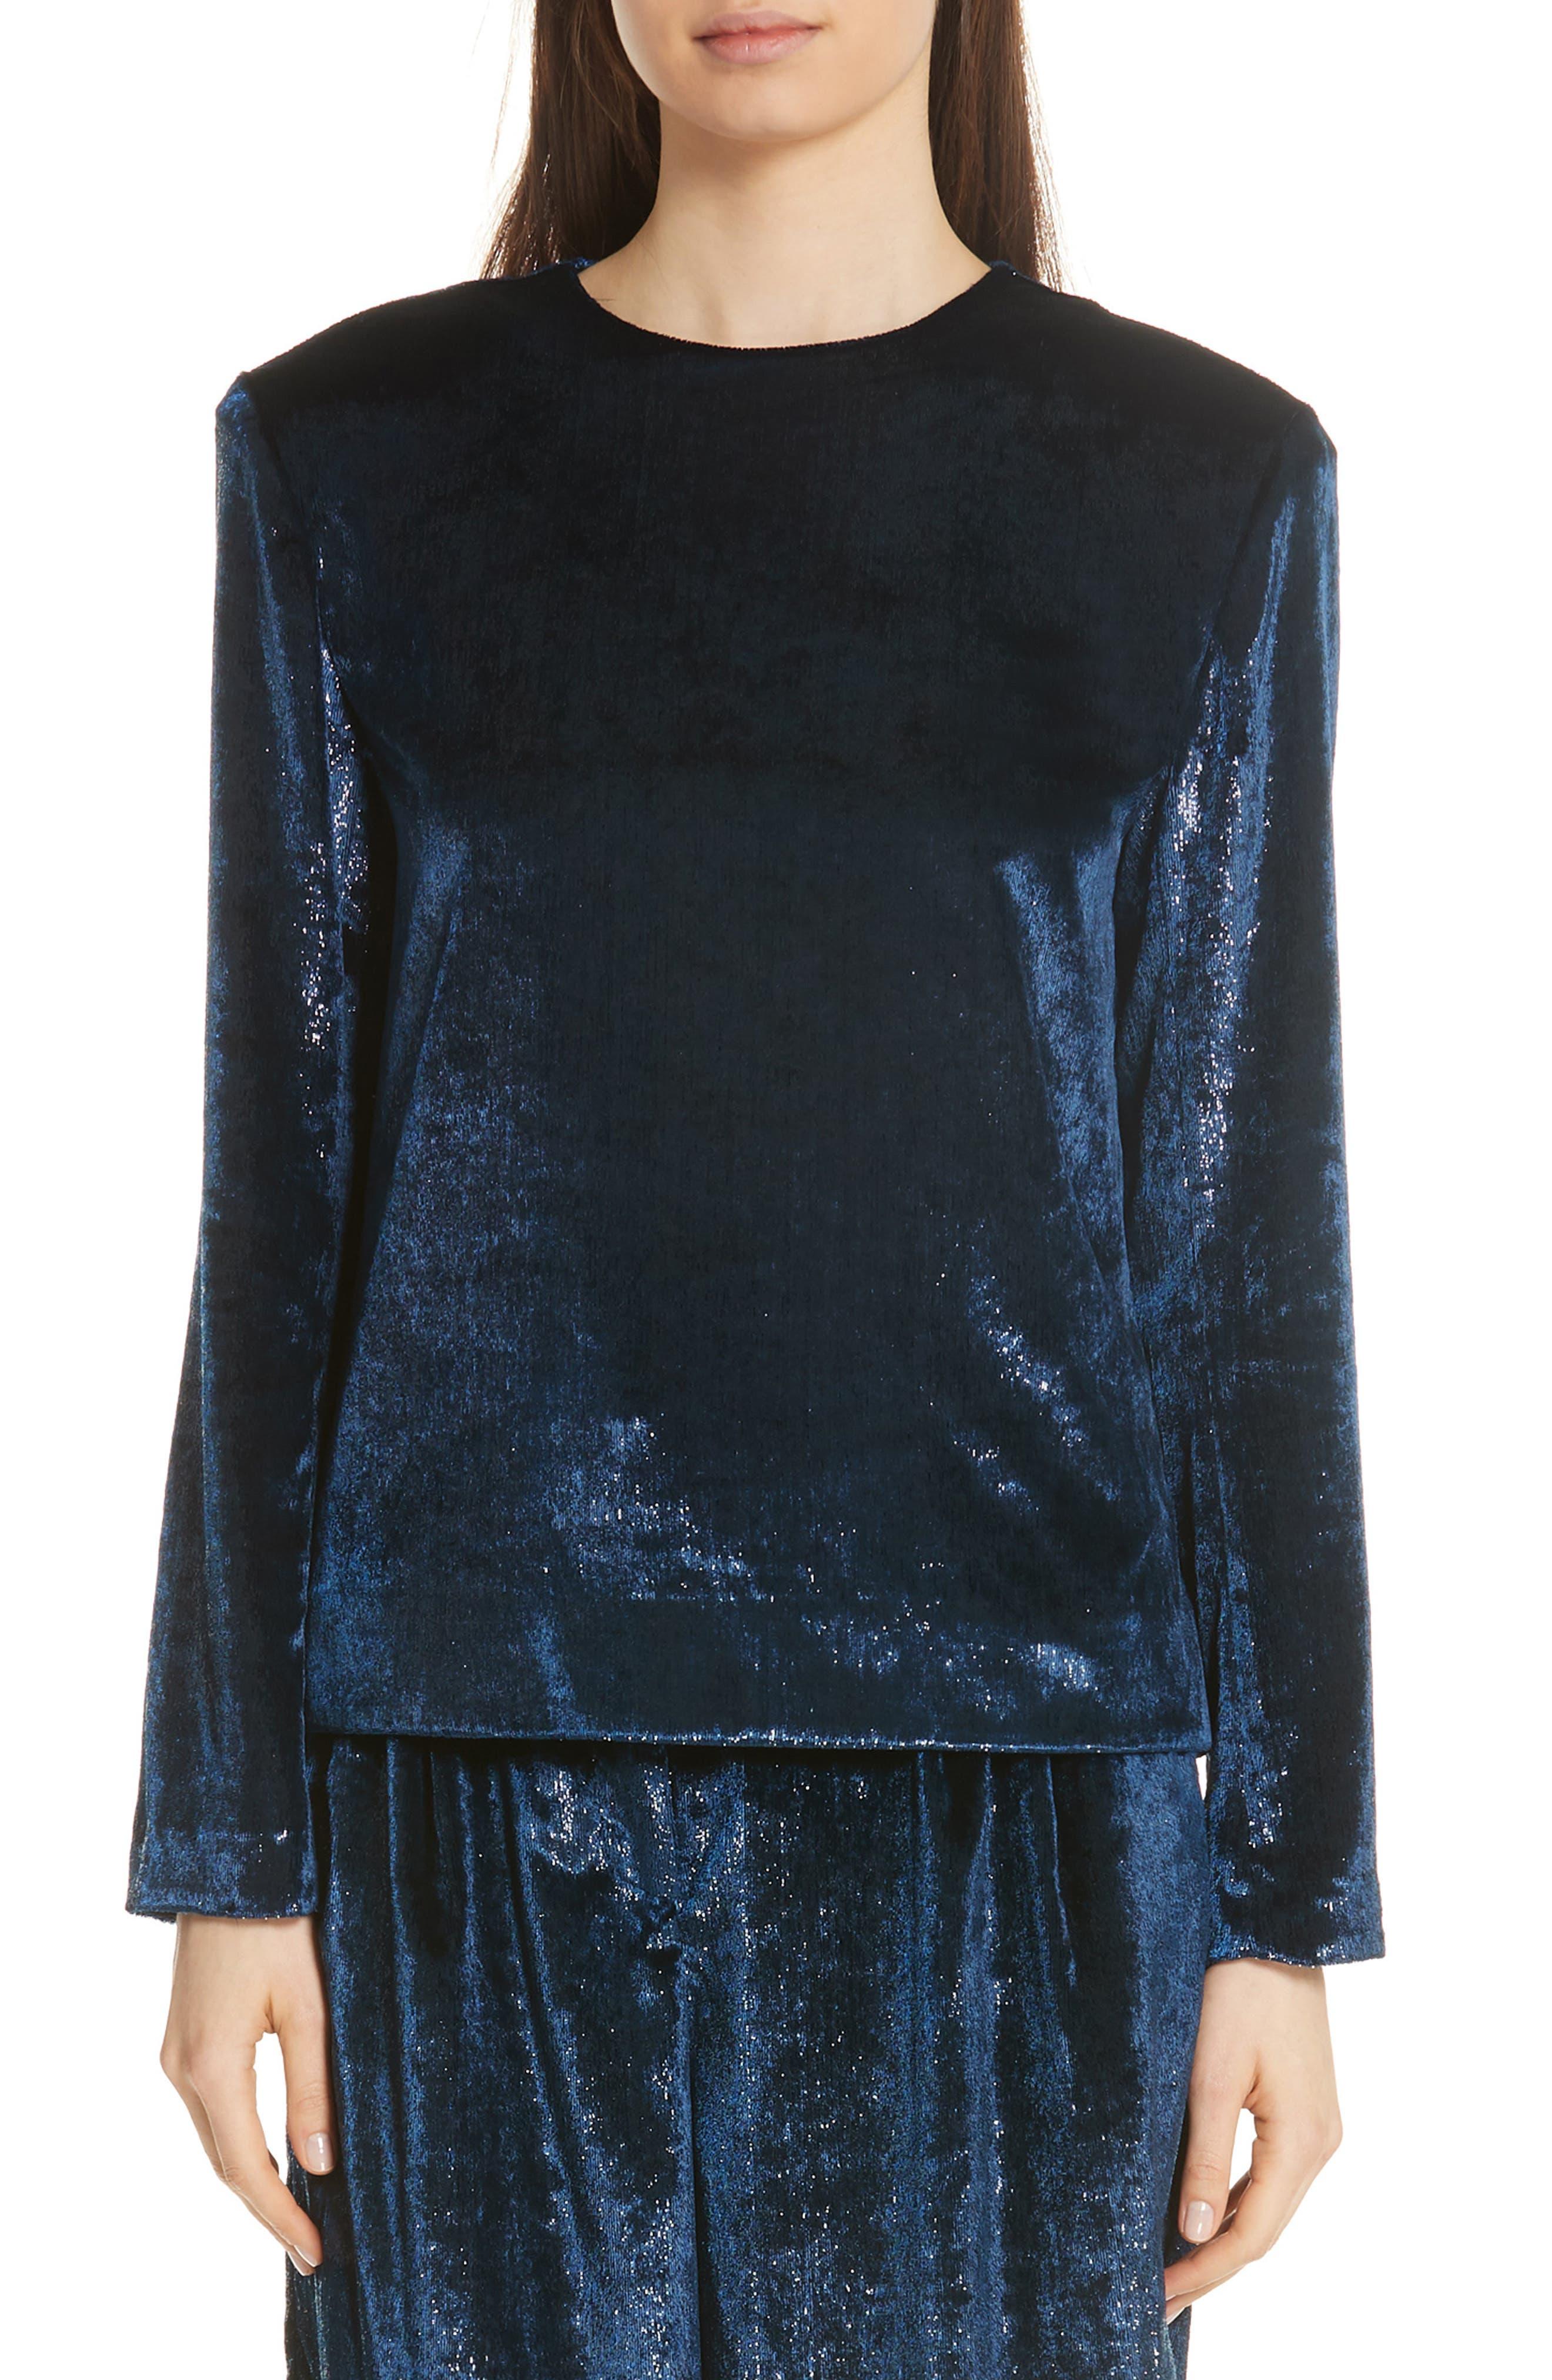 TIBI Tess Long-Sleeve Metallic Velvet Top in Blue